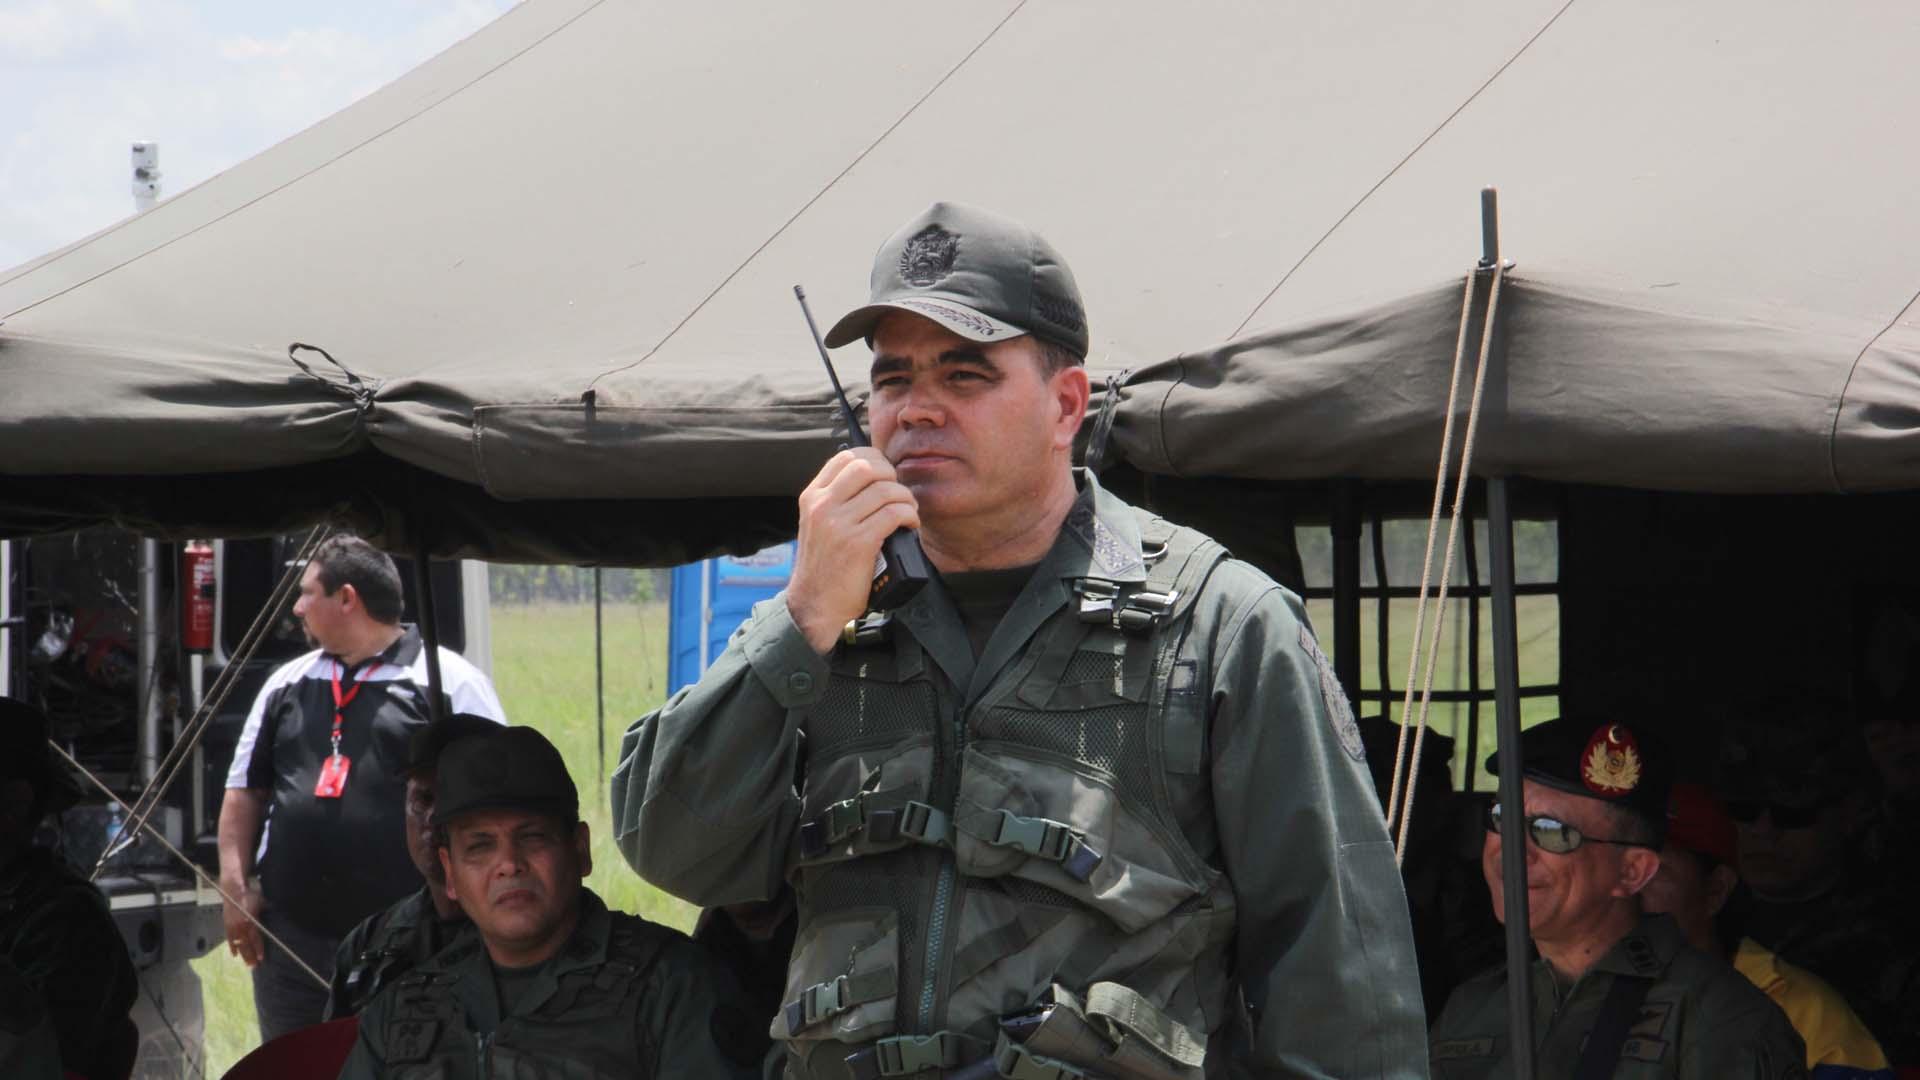 El ministro de Defensa aseguró que la seguridad de la nación obliga a la FANB a deliberar en políticas de Estado